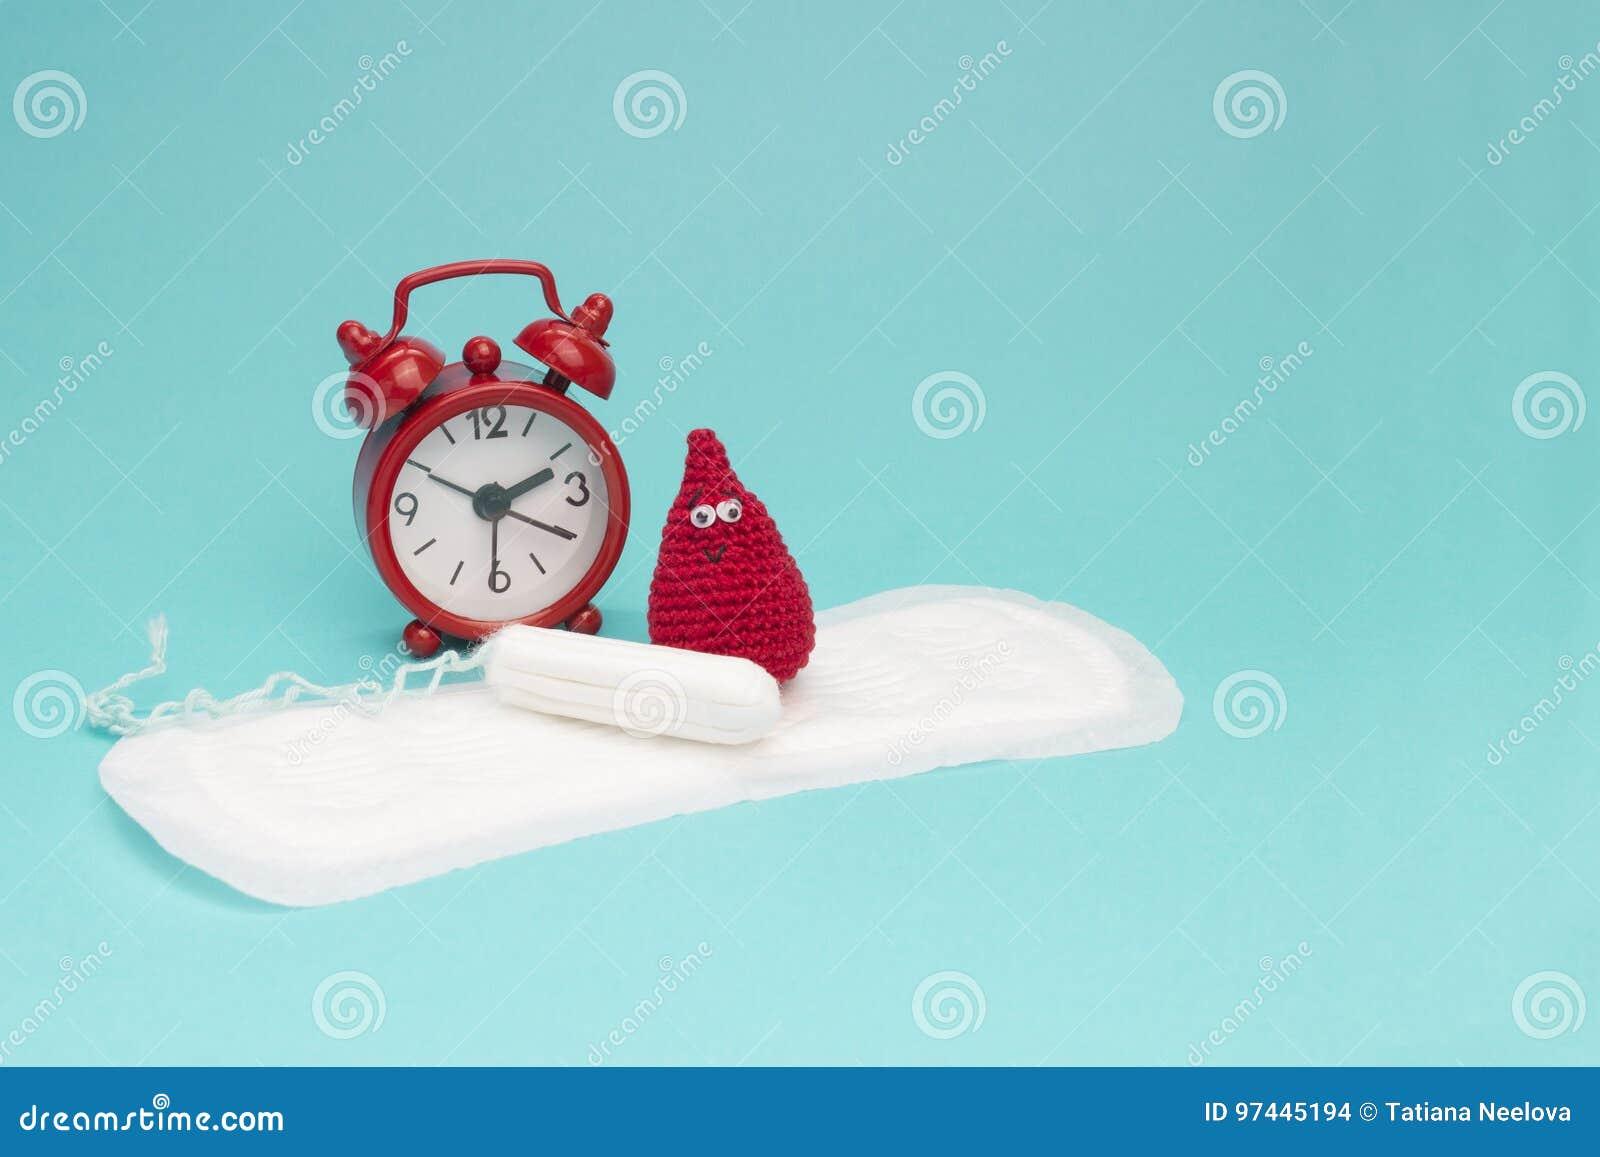 Красный будильник, мечтательное падение крови вязания крючком улыбки, ежедневная менструальная пусковая площадка и тампон Гигиена